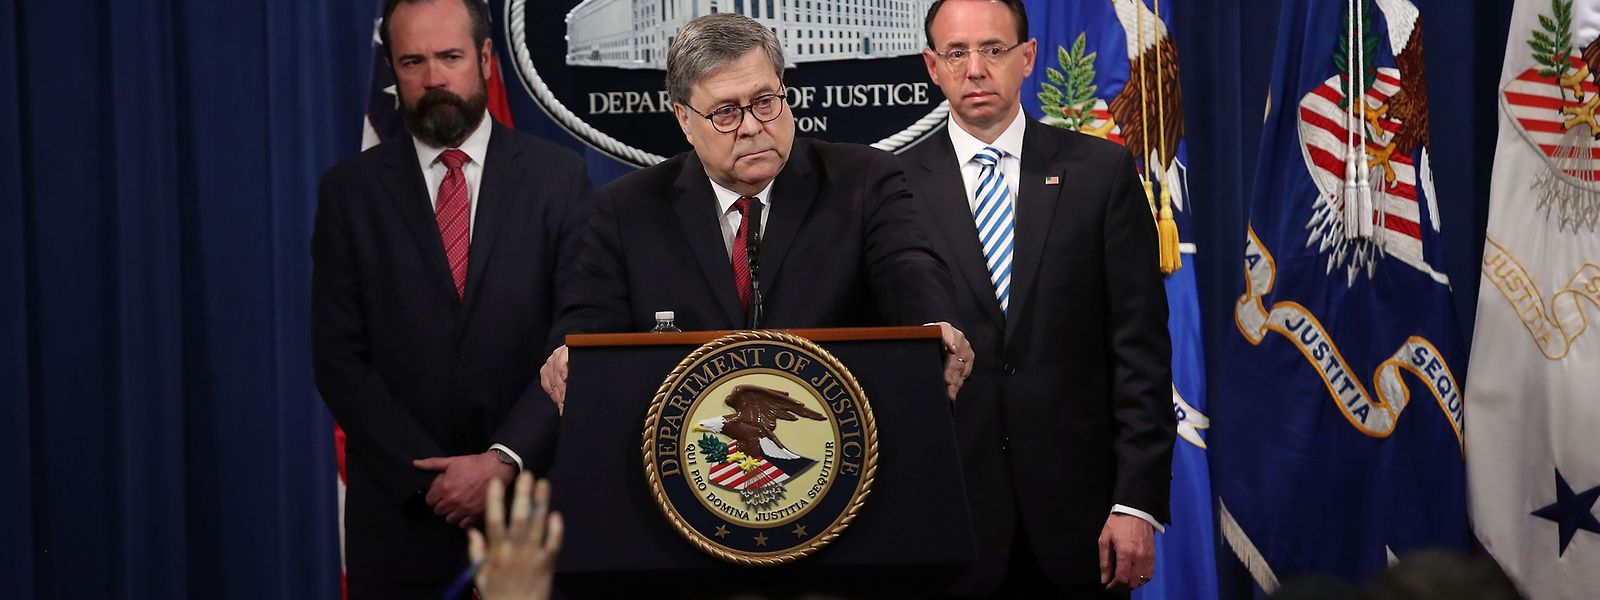 Justizminister William Barr (Mitte) vor der Veröffentlichung.